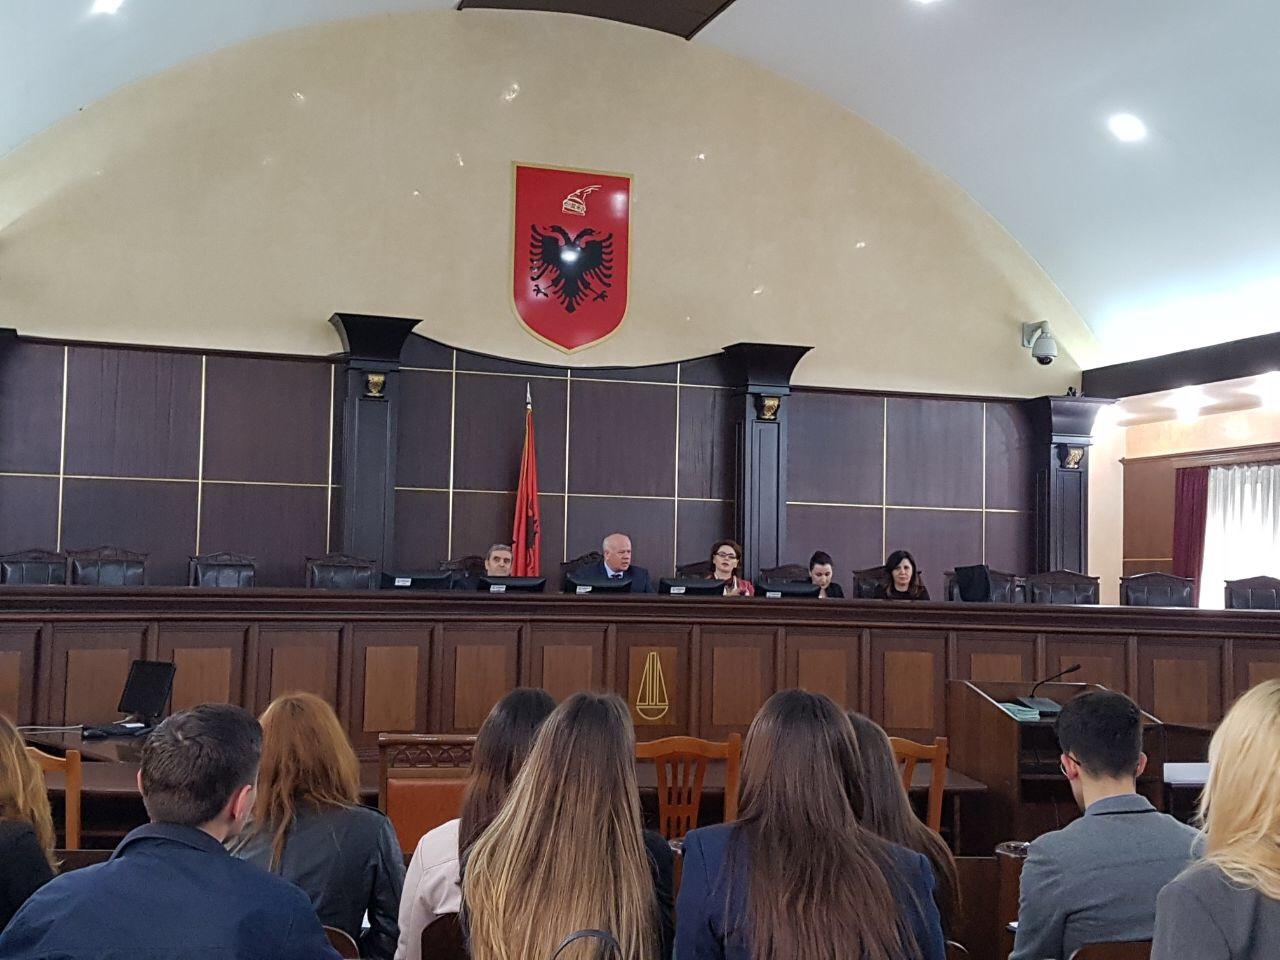 """Me rastin e 10 majit Ditës Kombëtare të Drejtësisë, një grup studentësh të Fakultetit të Drejtësisë në Tiranë si dhe nxënës të gjimnazit """"Sami Frashëri"""" vizituan Gjykatën e Lartë të Republikës së Shqipërisë"""